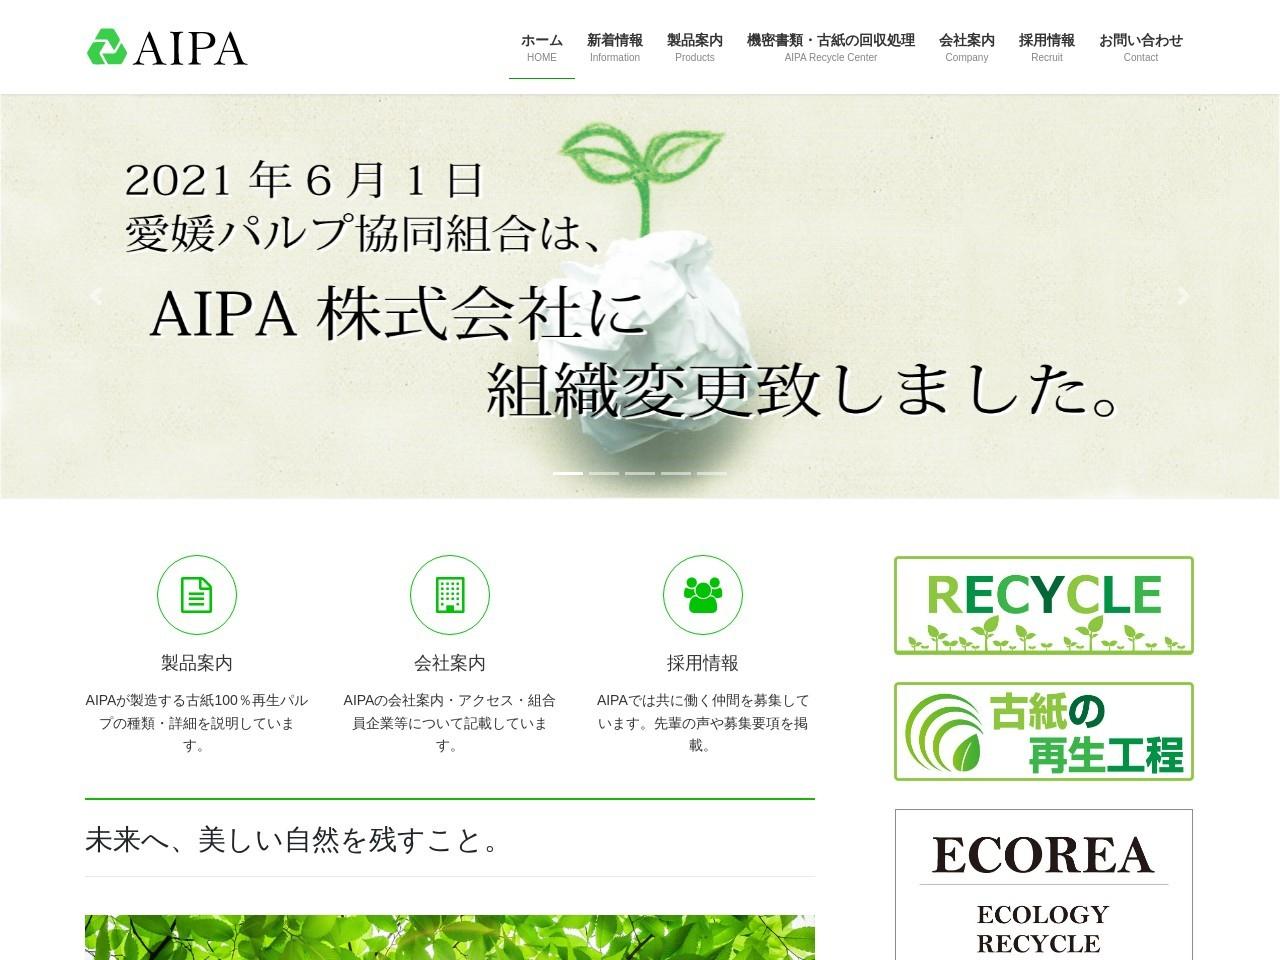 愛媛パルプ協同組合営業部大阪リサイクルセンター